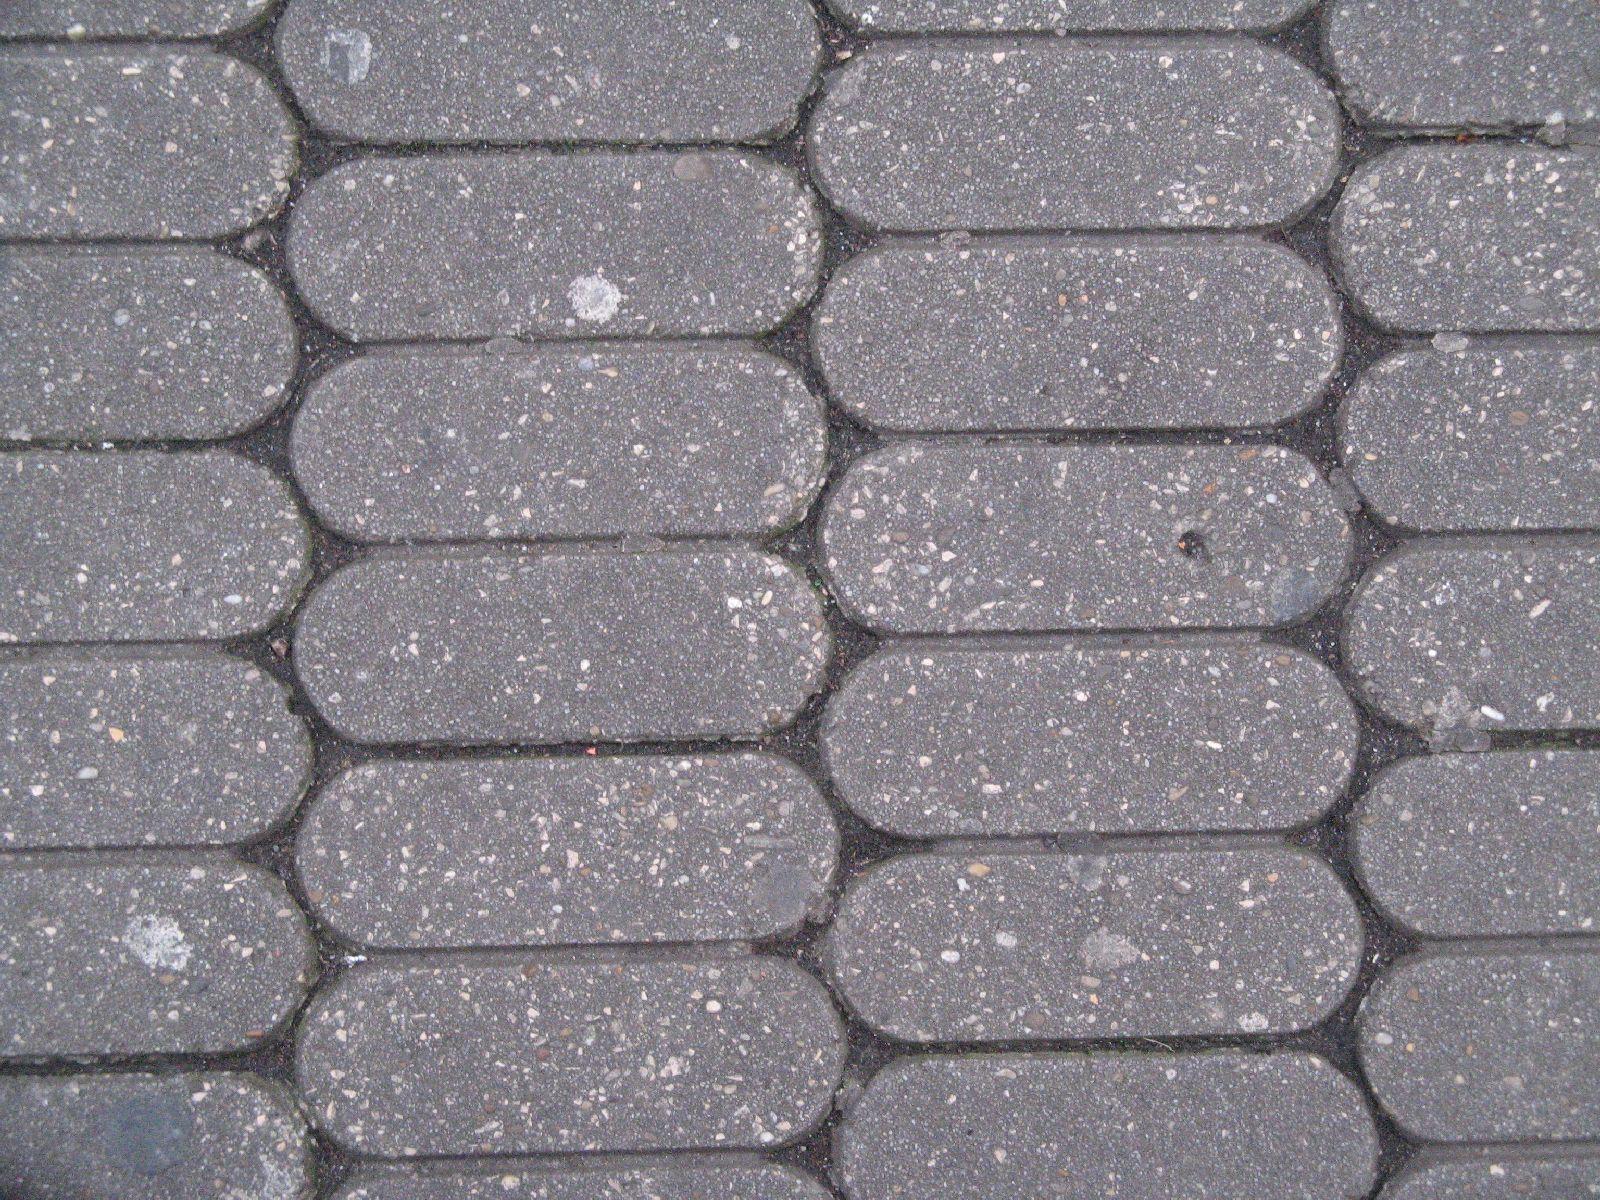 Ground-Urban_Texture_B_3523